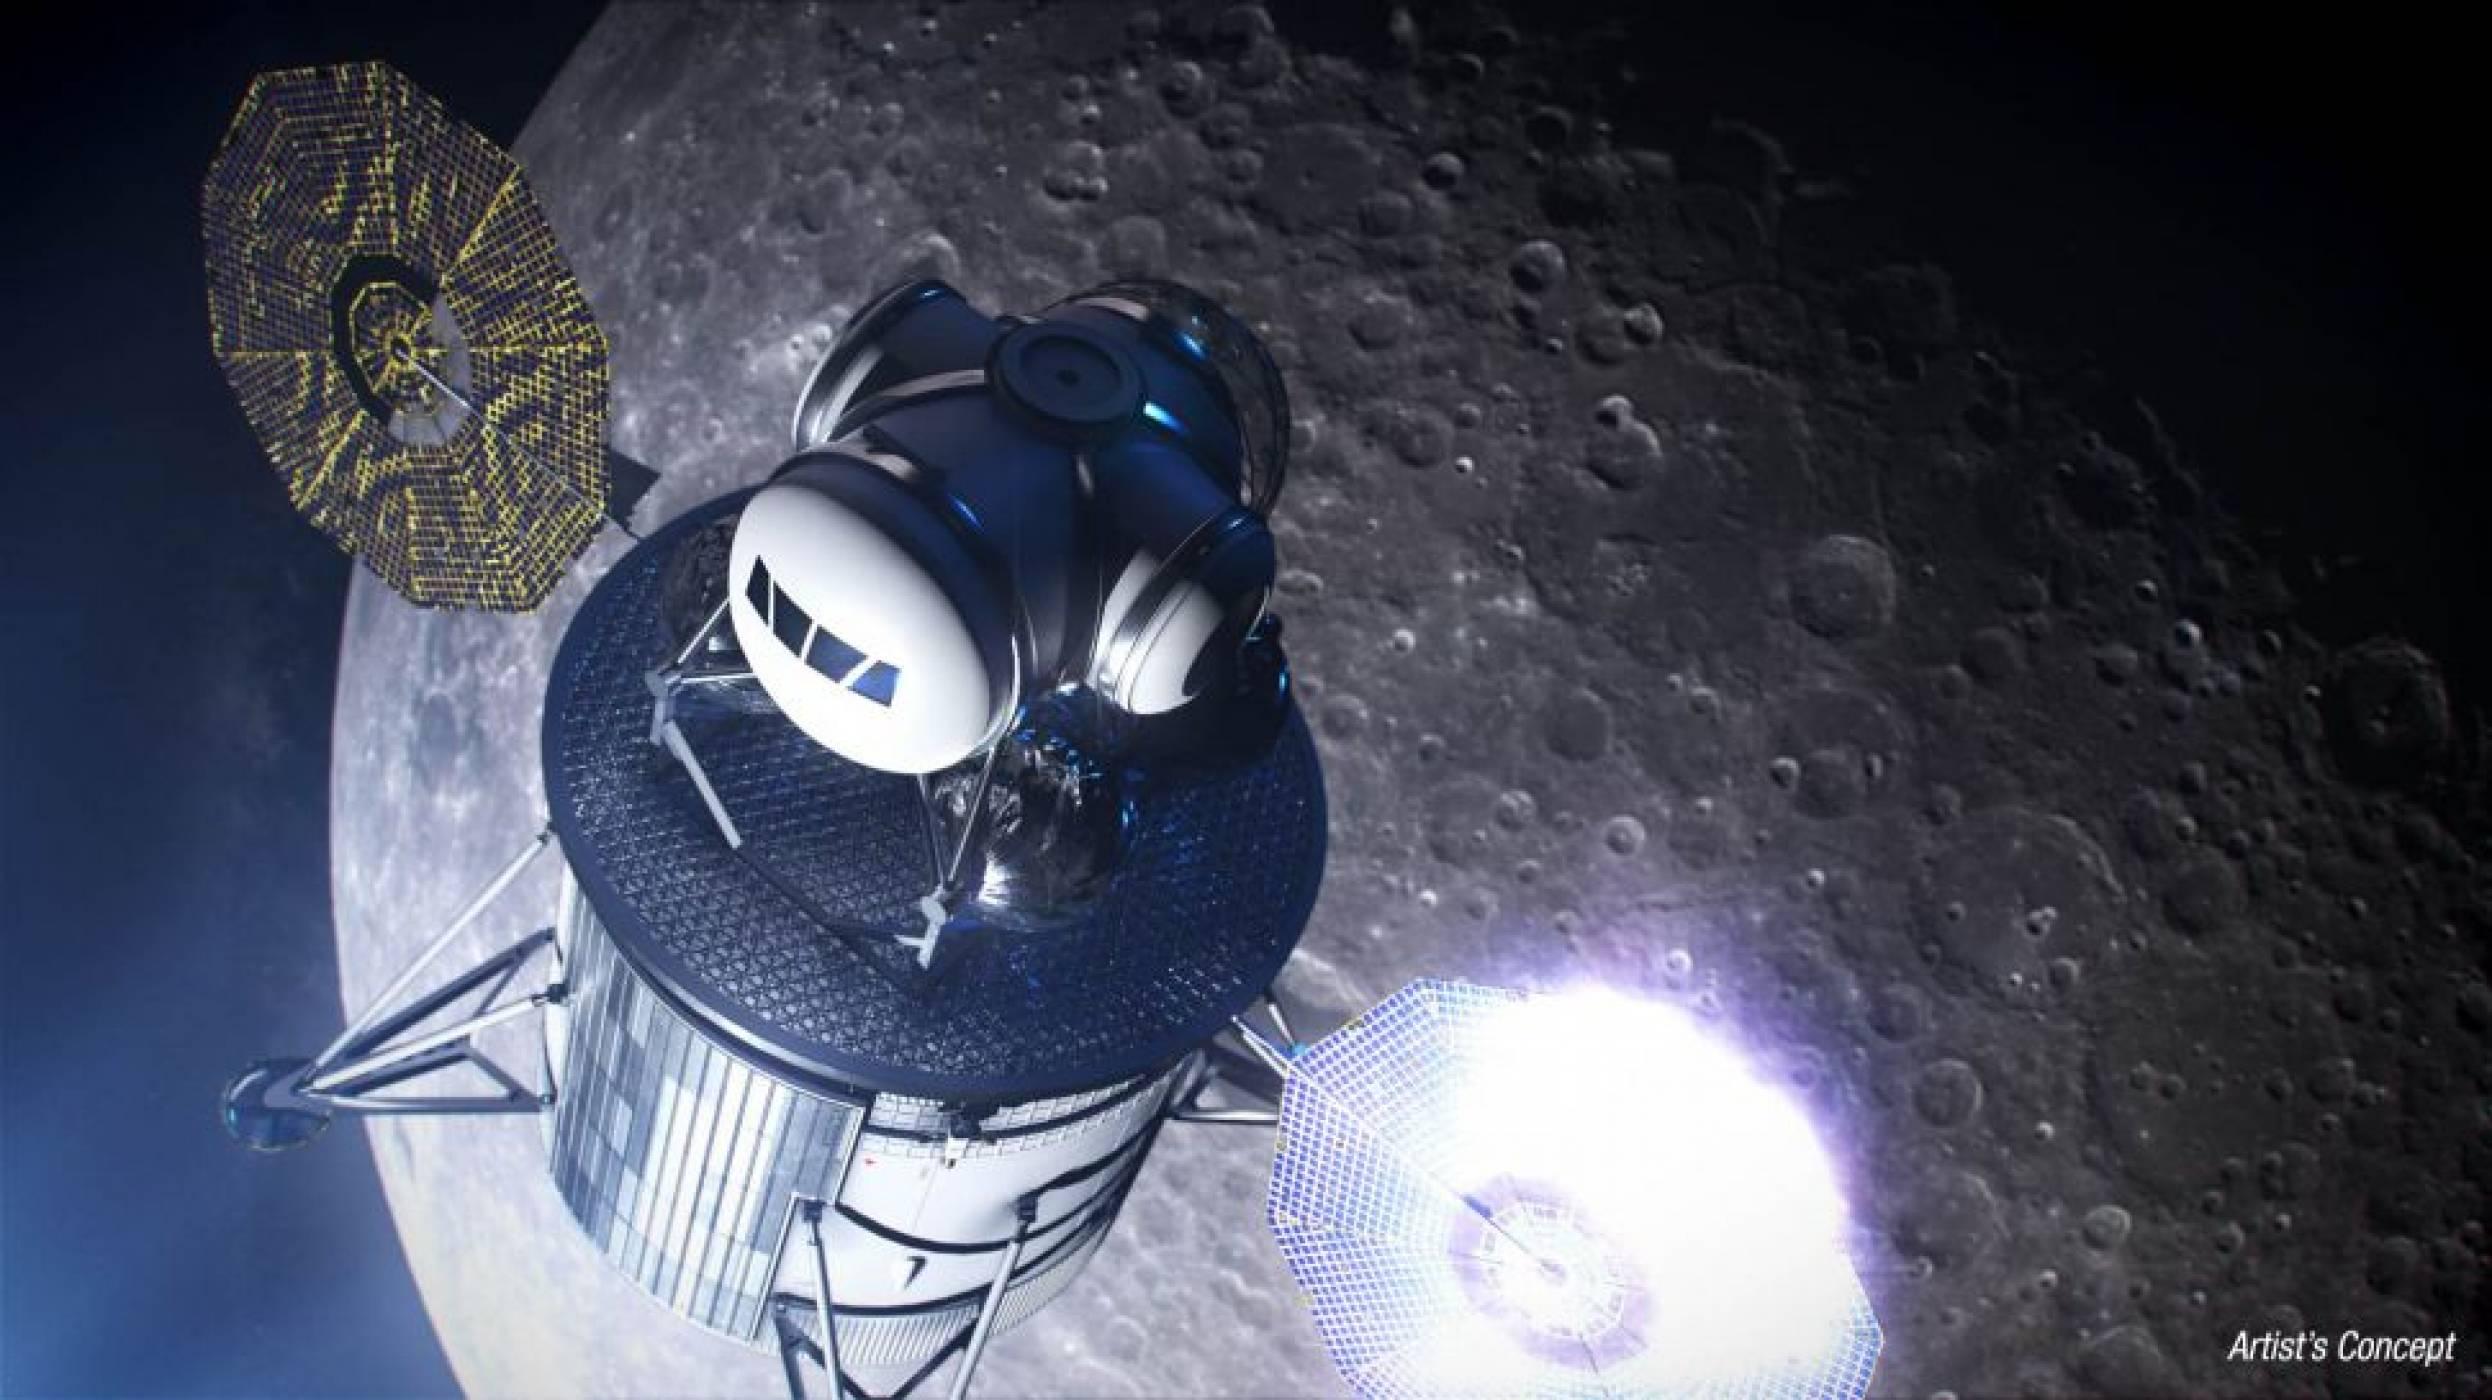 Частници помагат на NASA за първата стъпка на Луната